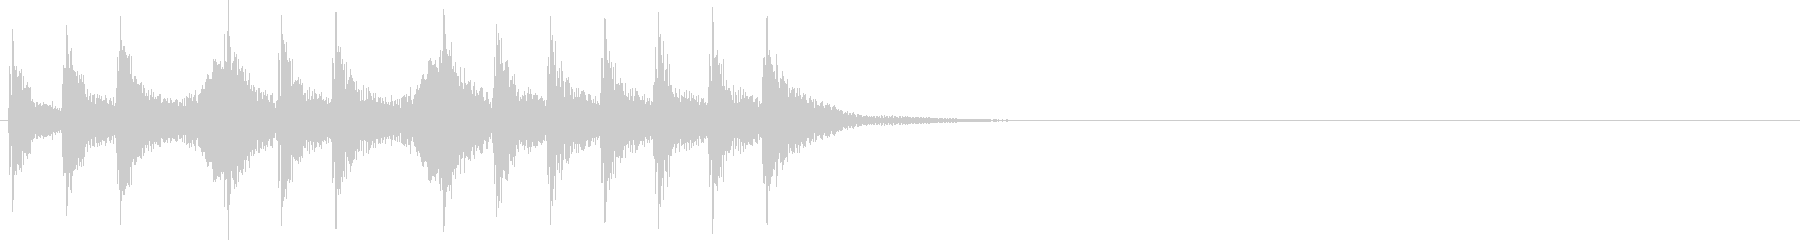 三三七拍子(速)太鼓+手拍子+笛+掛け声の未再生の波形